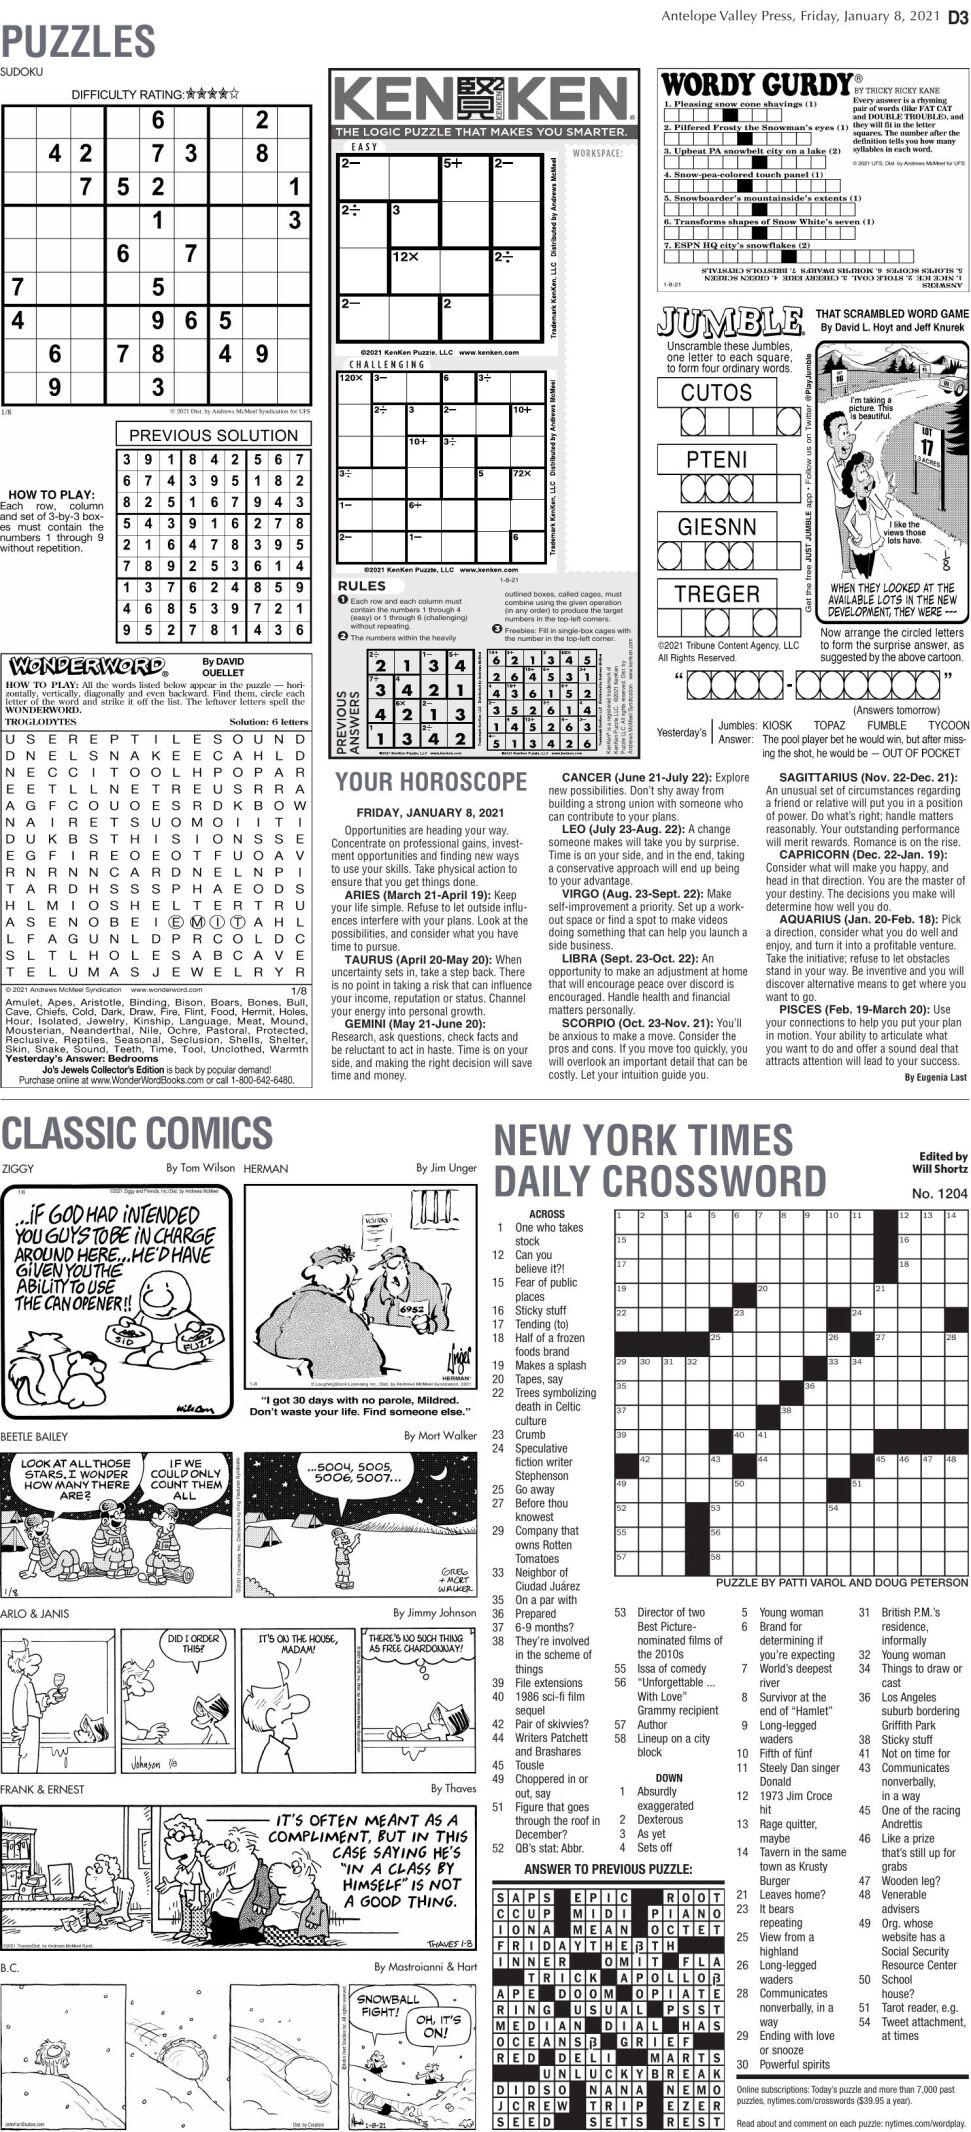 Puzzles, Jan. 8, 2021